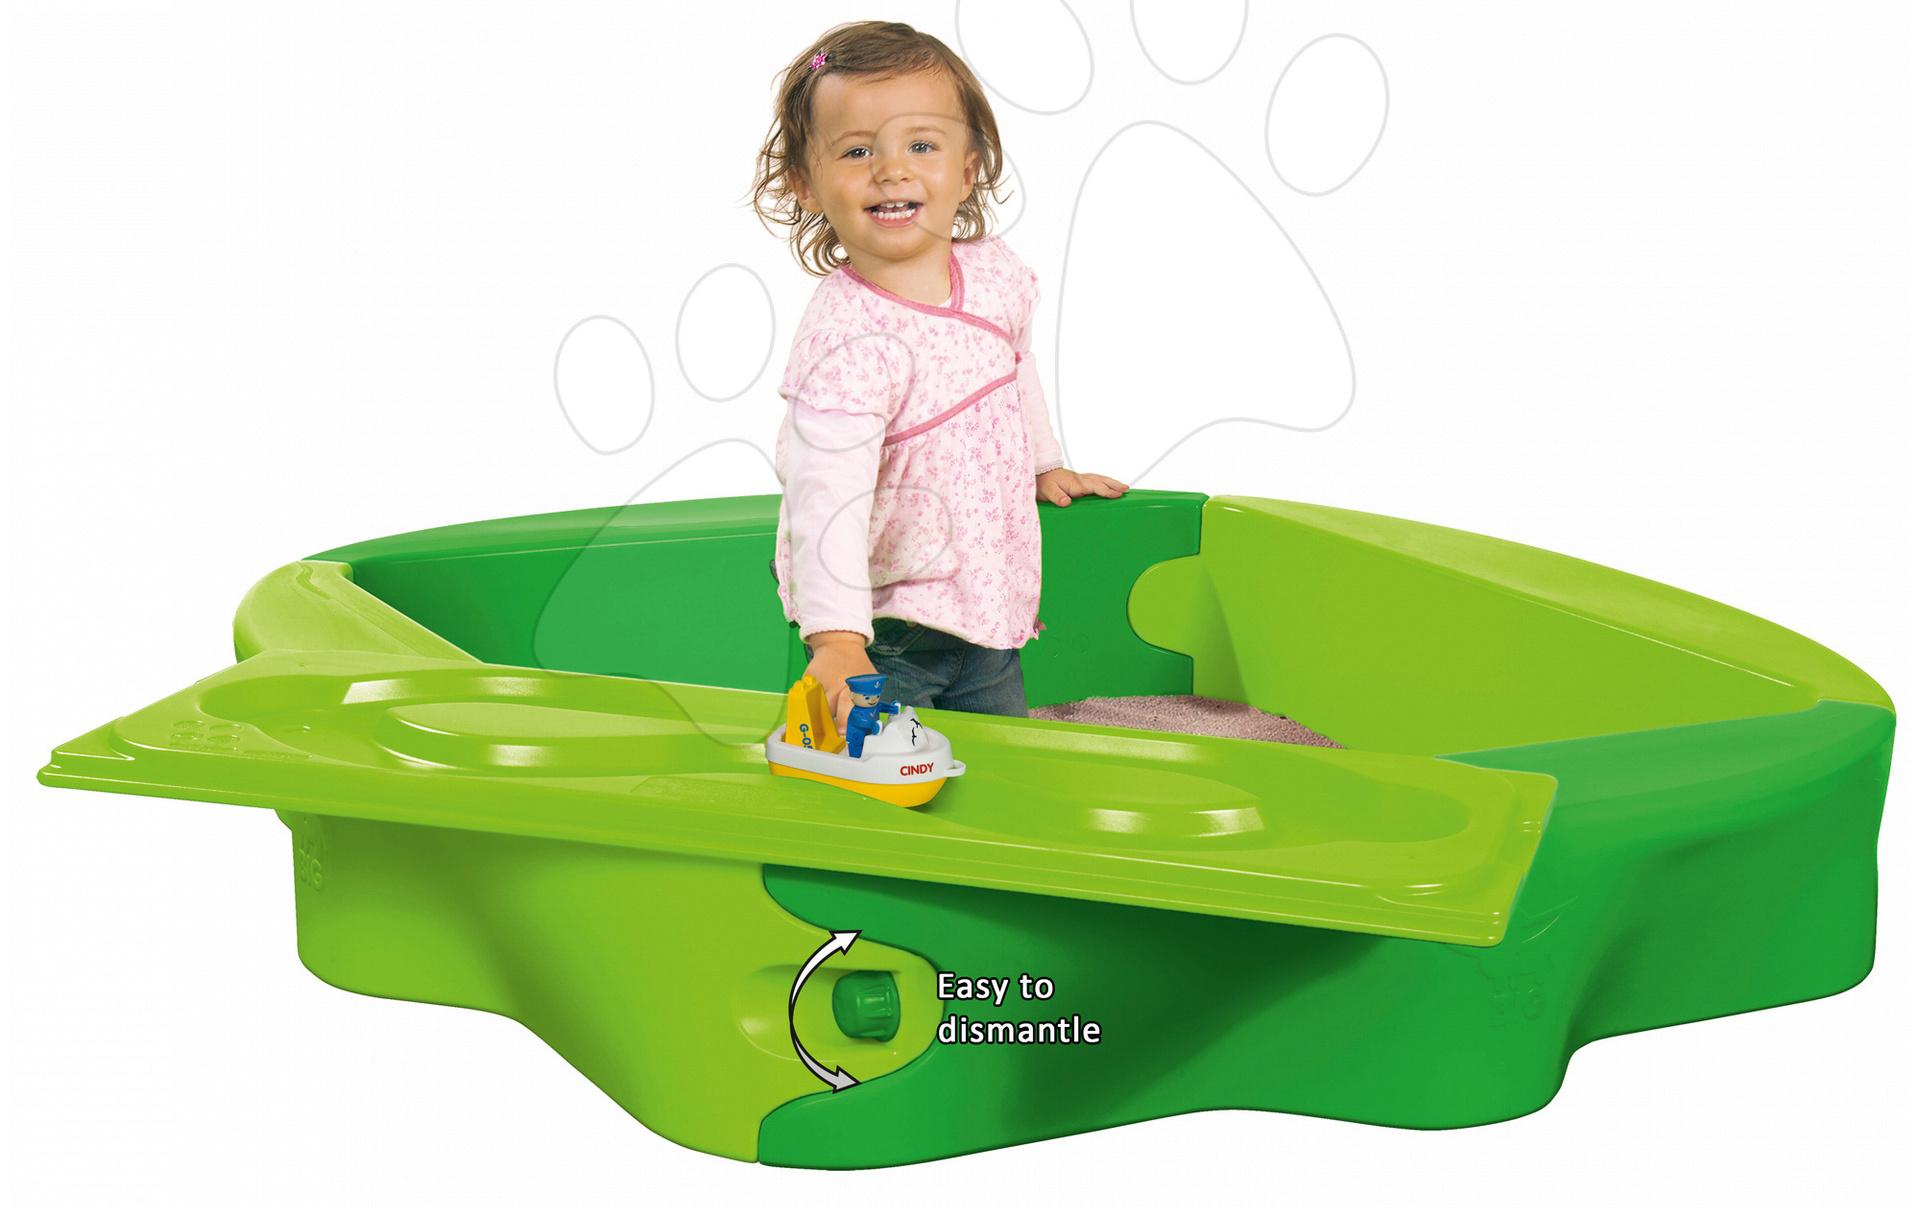 Pieskoviská pre deti - Pieskovisko s vodnou dráhou Sandy BIG s krytom objem 239 litrov 138*138 cm zelené od 12 mes